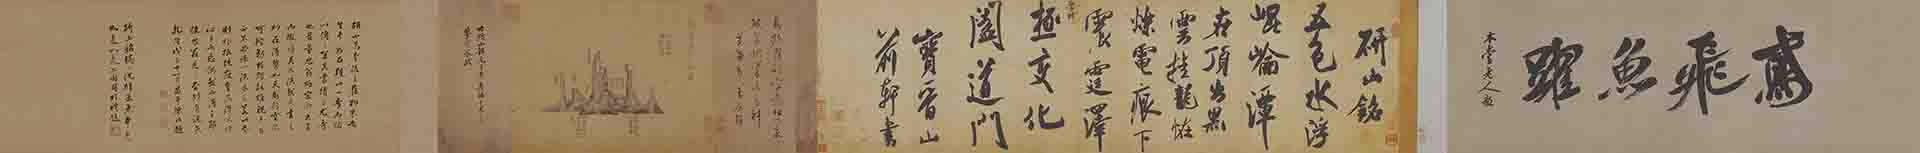 宋 米芾 研山铭手卷(全卷)绢本36x136北京